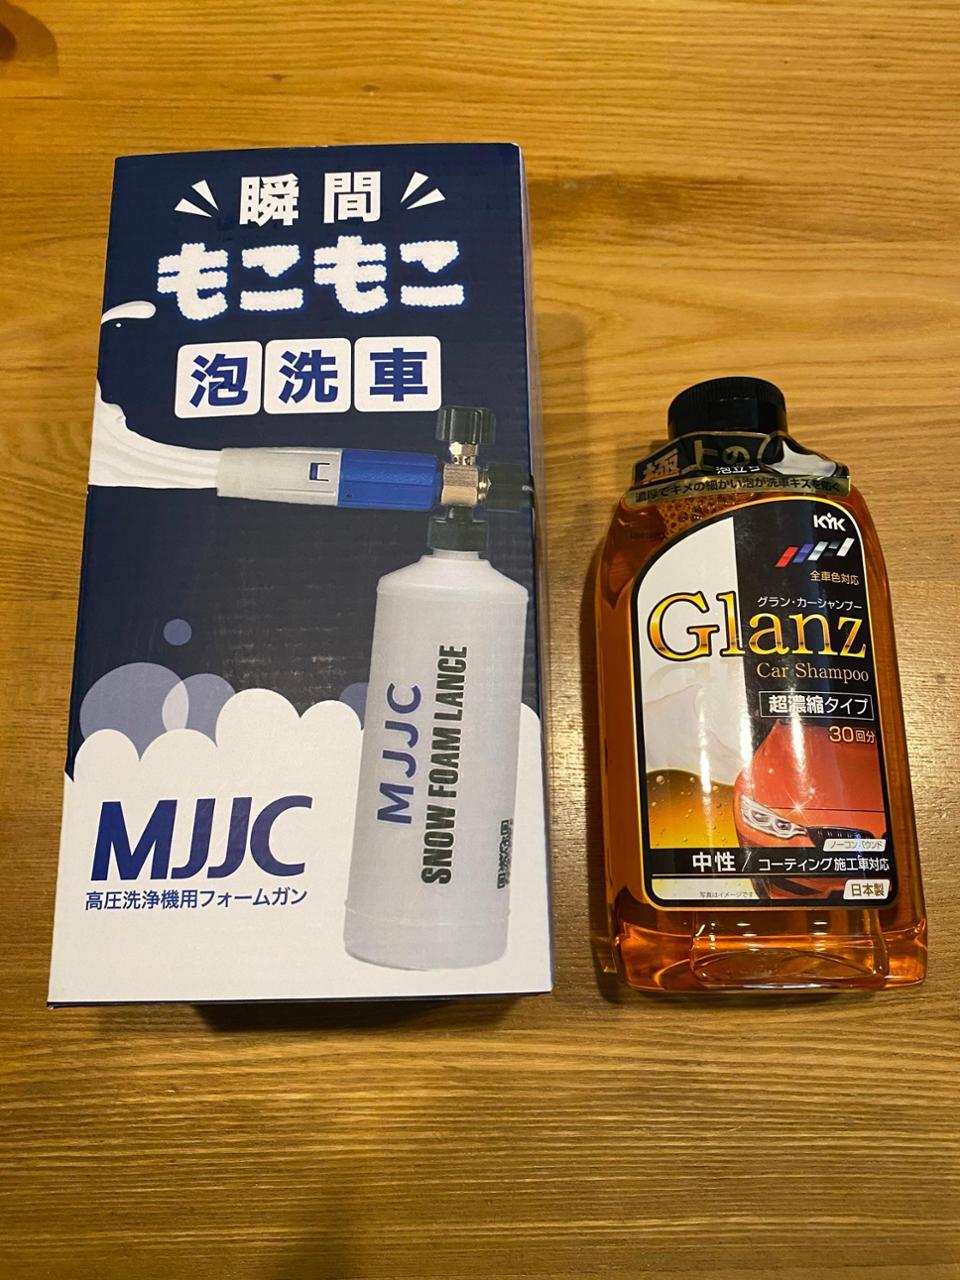 MJJC 高圧洗浄機用フォームガン